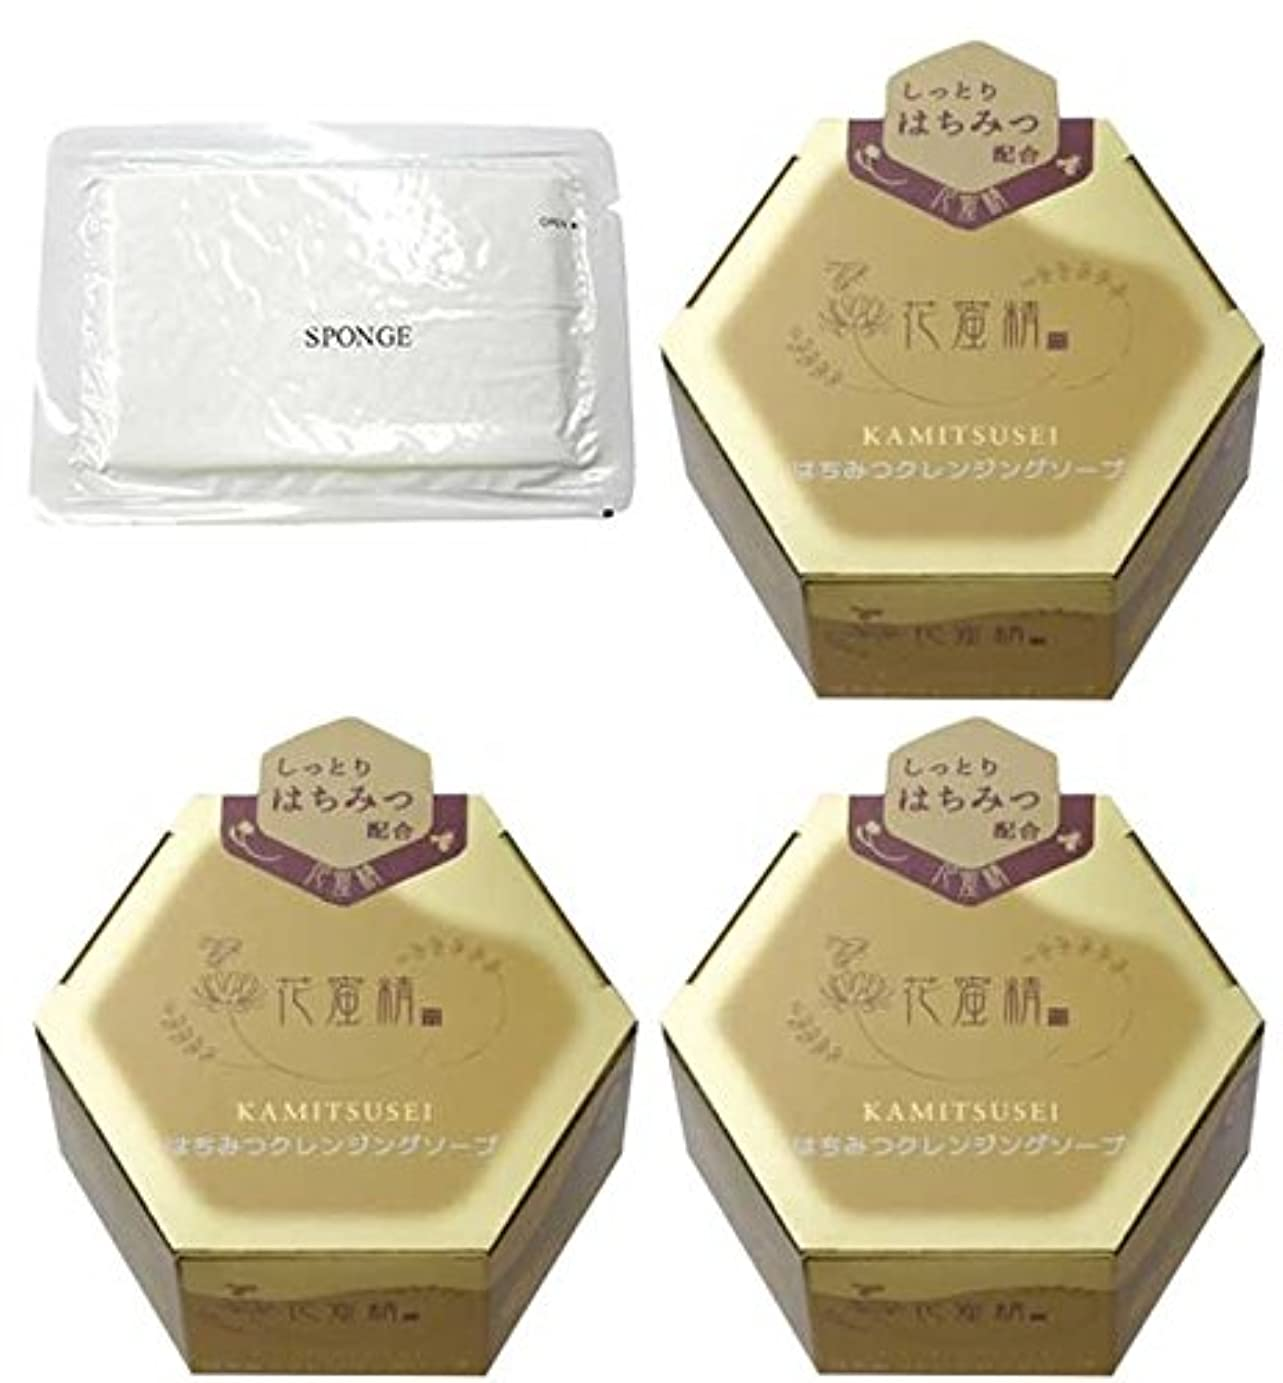 谷大臣ブルーム花蜜精 はちみつクレンジングソープ 85g 3個 + 圧縮スポンジセット